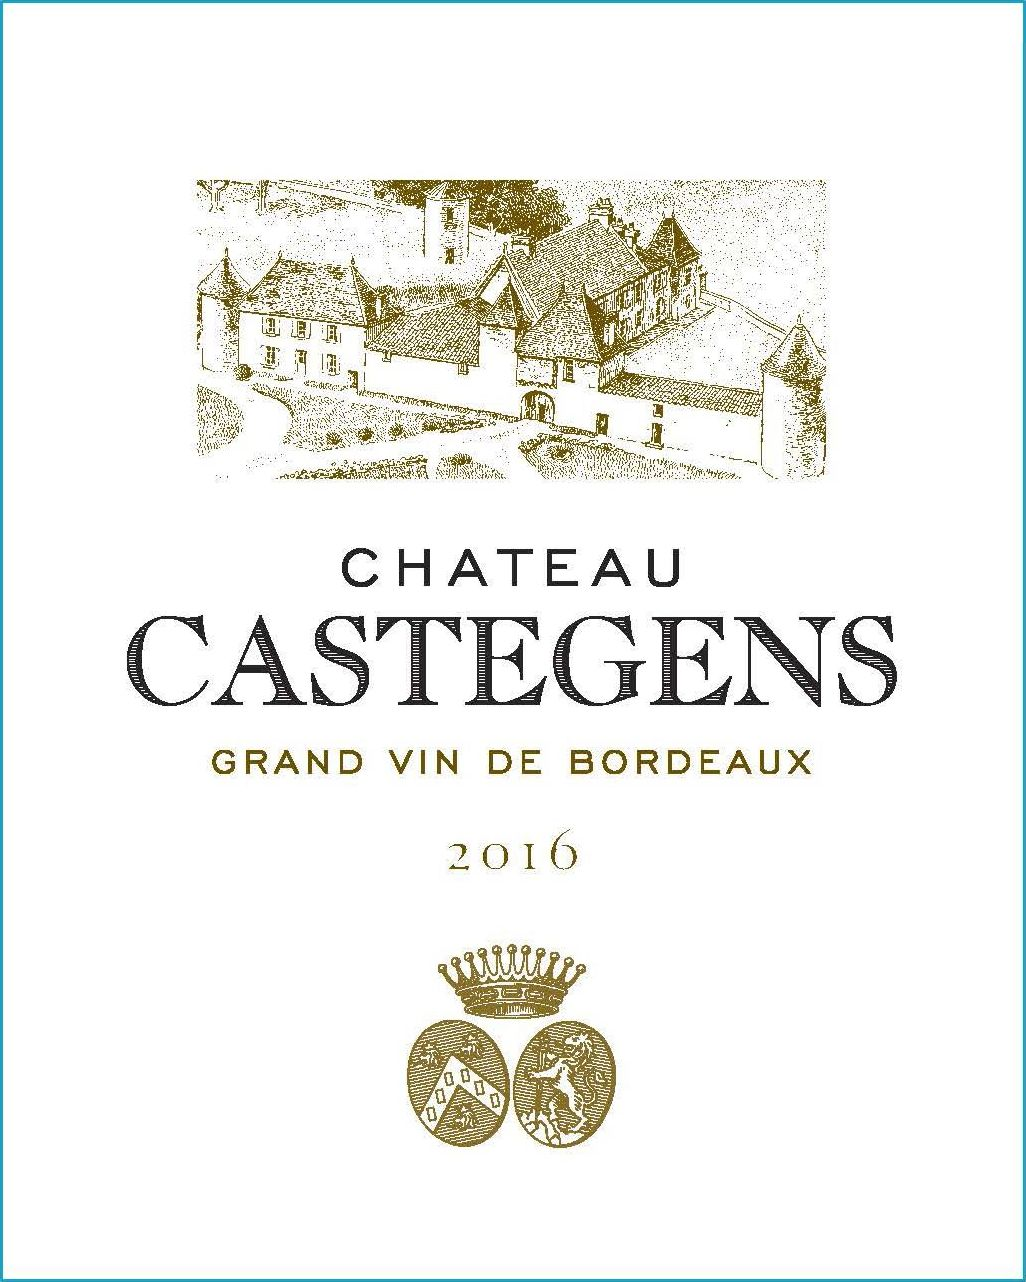 Chateau Castegens 2016